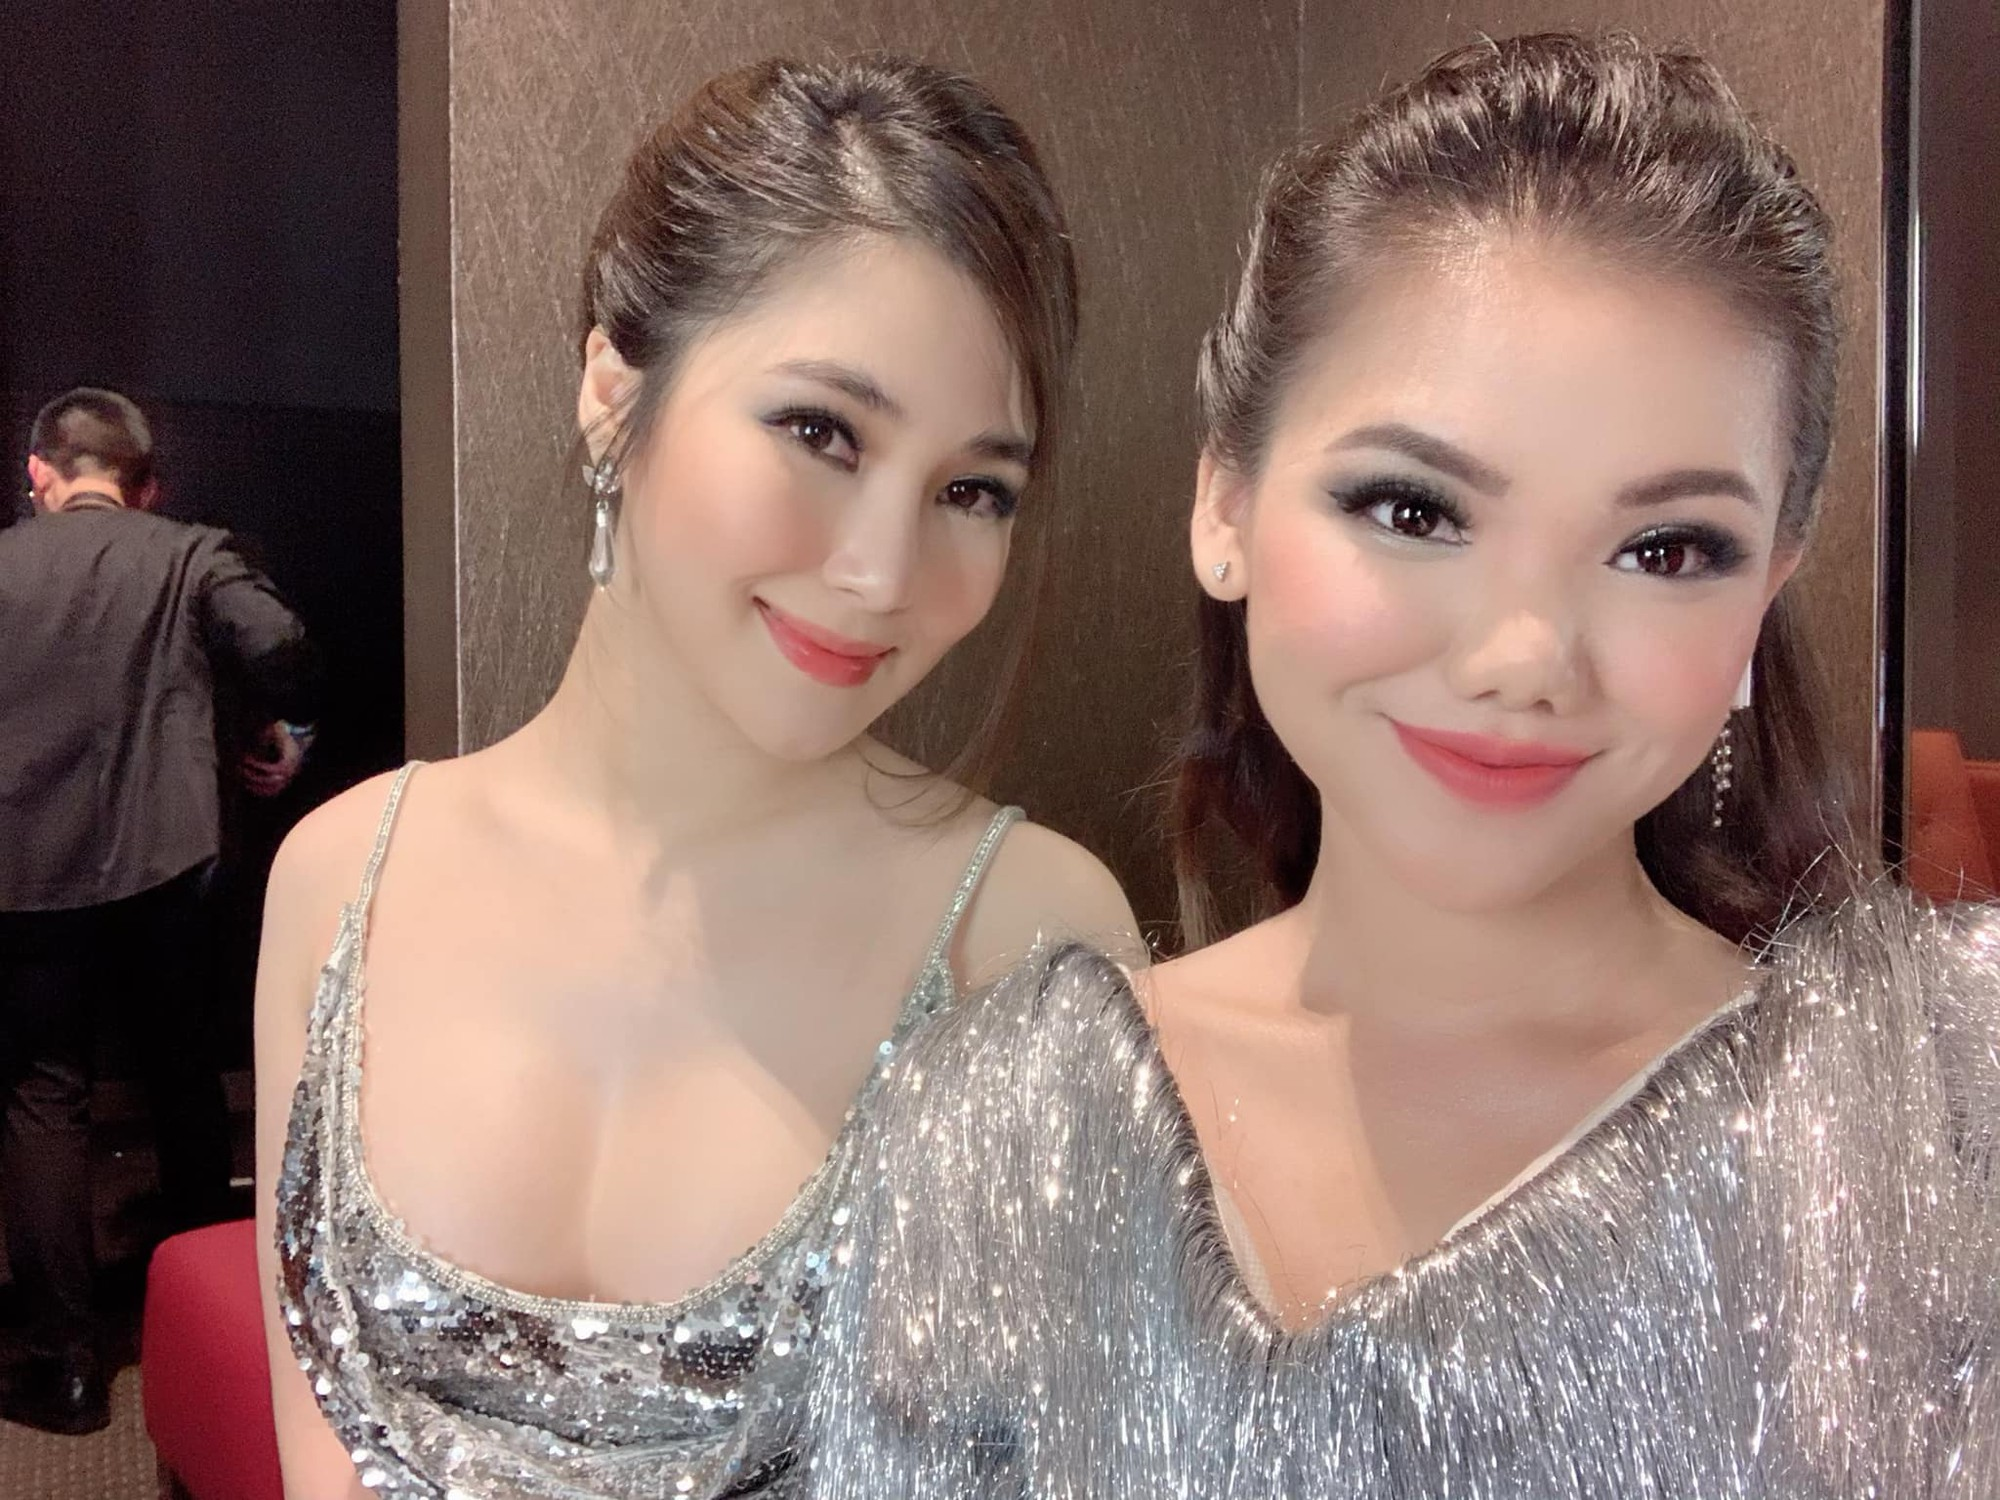 Hương Tràm nhận show hát ở Mỹ nhưng chiếc váy tuyệt đẹp cô mặc lại khiến người nhiều bất ngờ  - Ảnh 4.